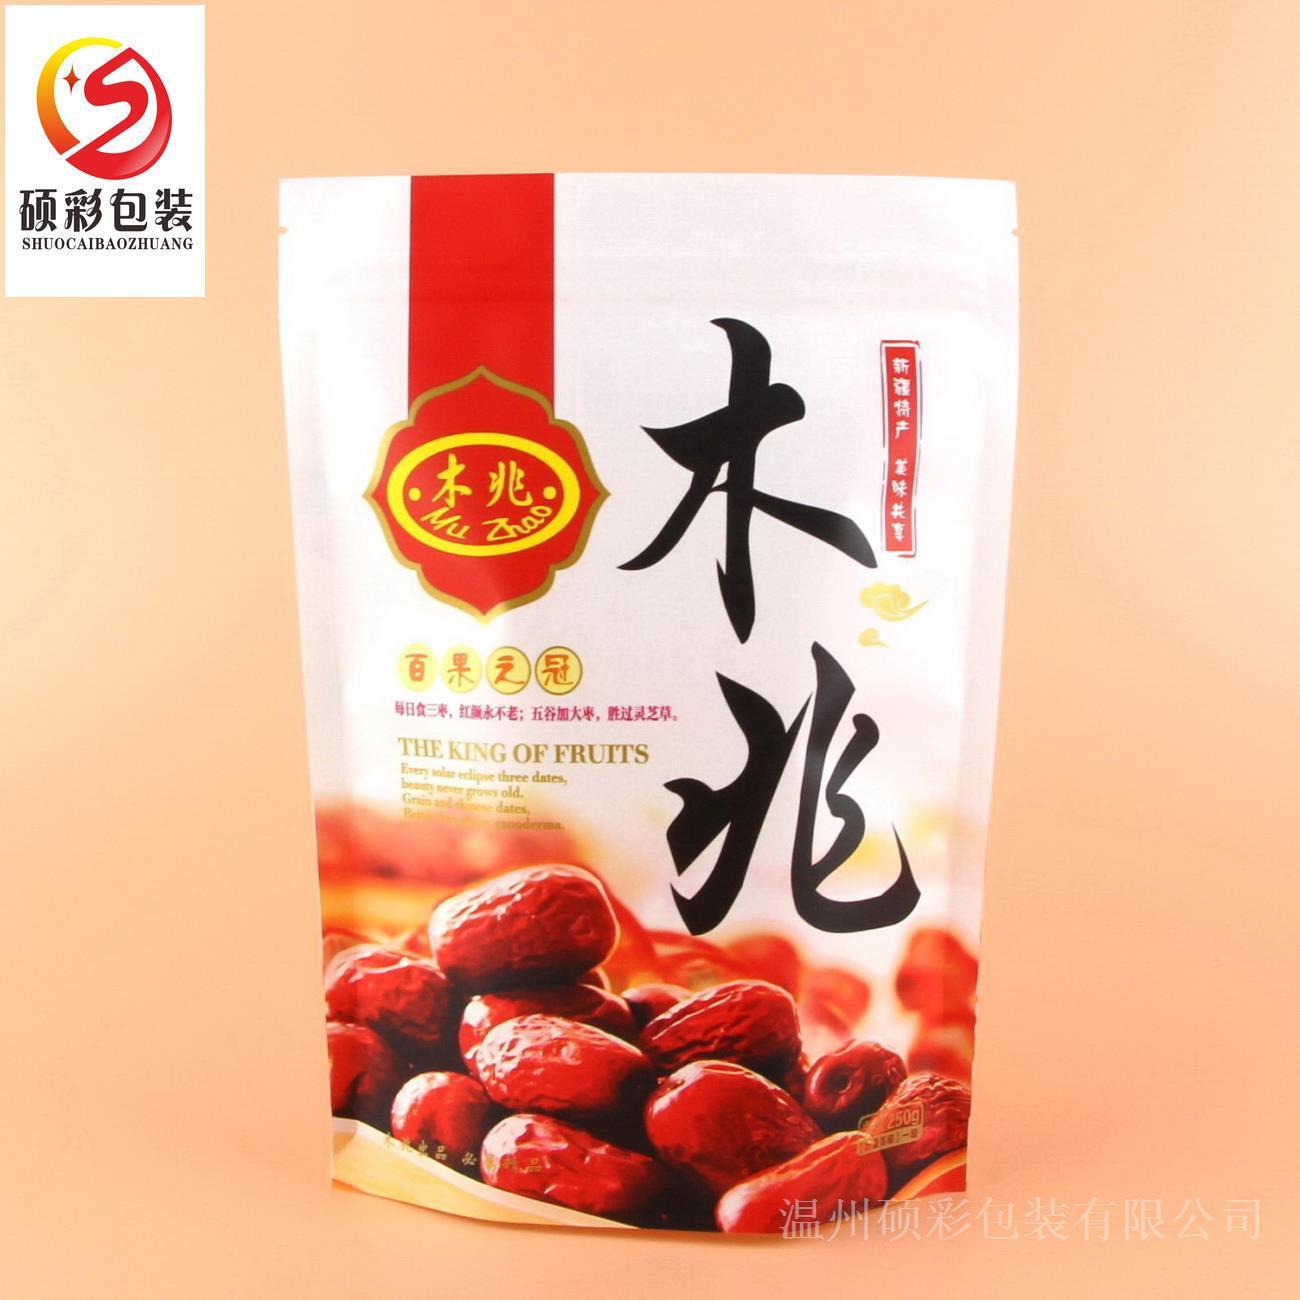 定做 淋膜白牛皮纸烫金自立袋 红枣坚果袋 自封口休闲食品包装袋